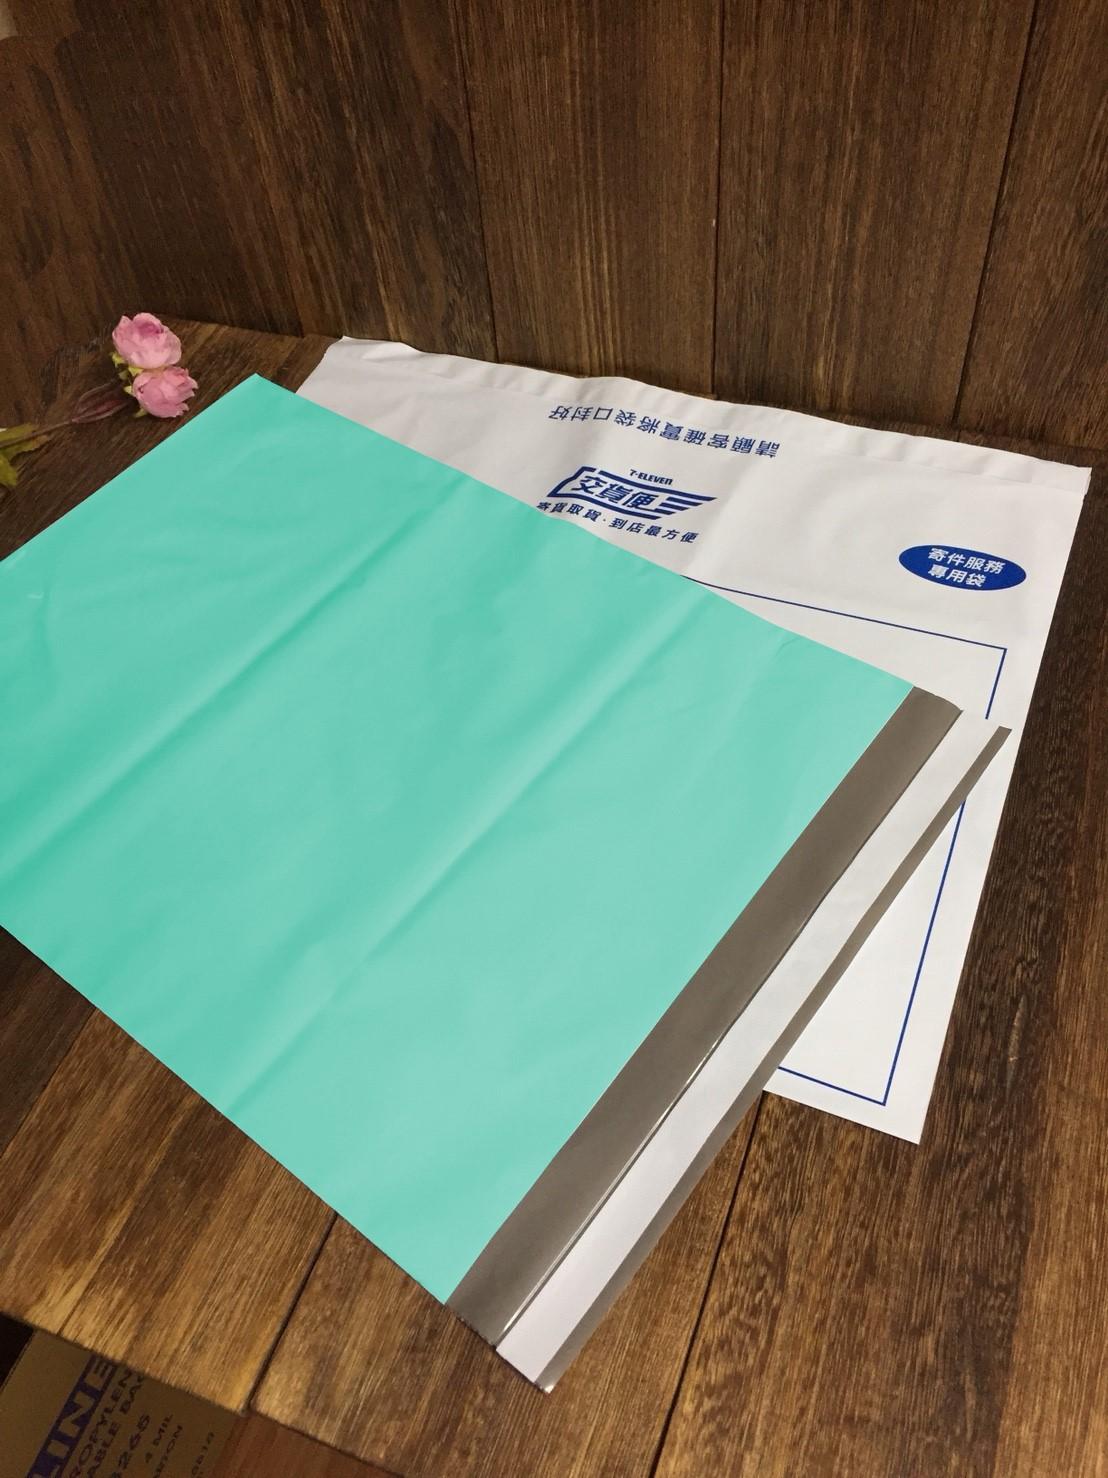 包裝袋 | 滿滿幸福感~蒂芬綠破壞袋